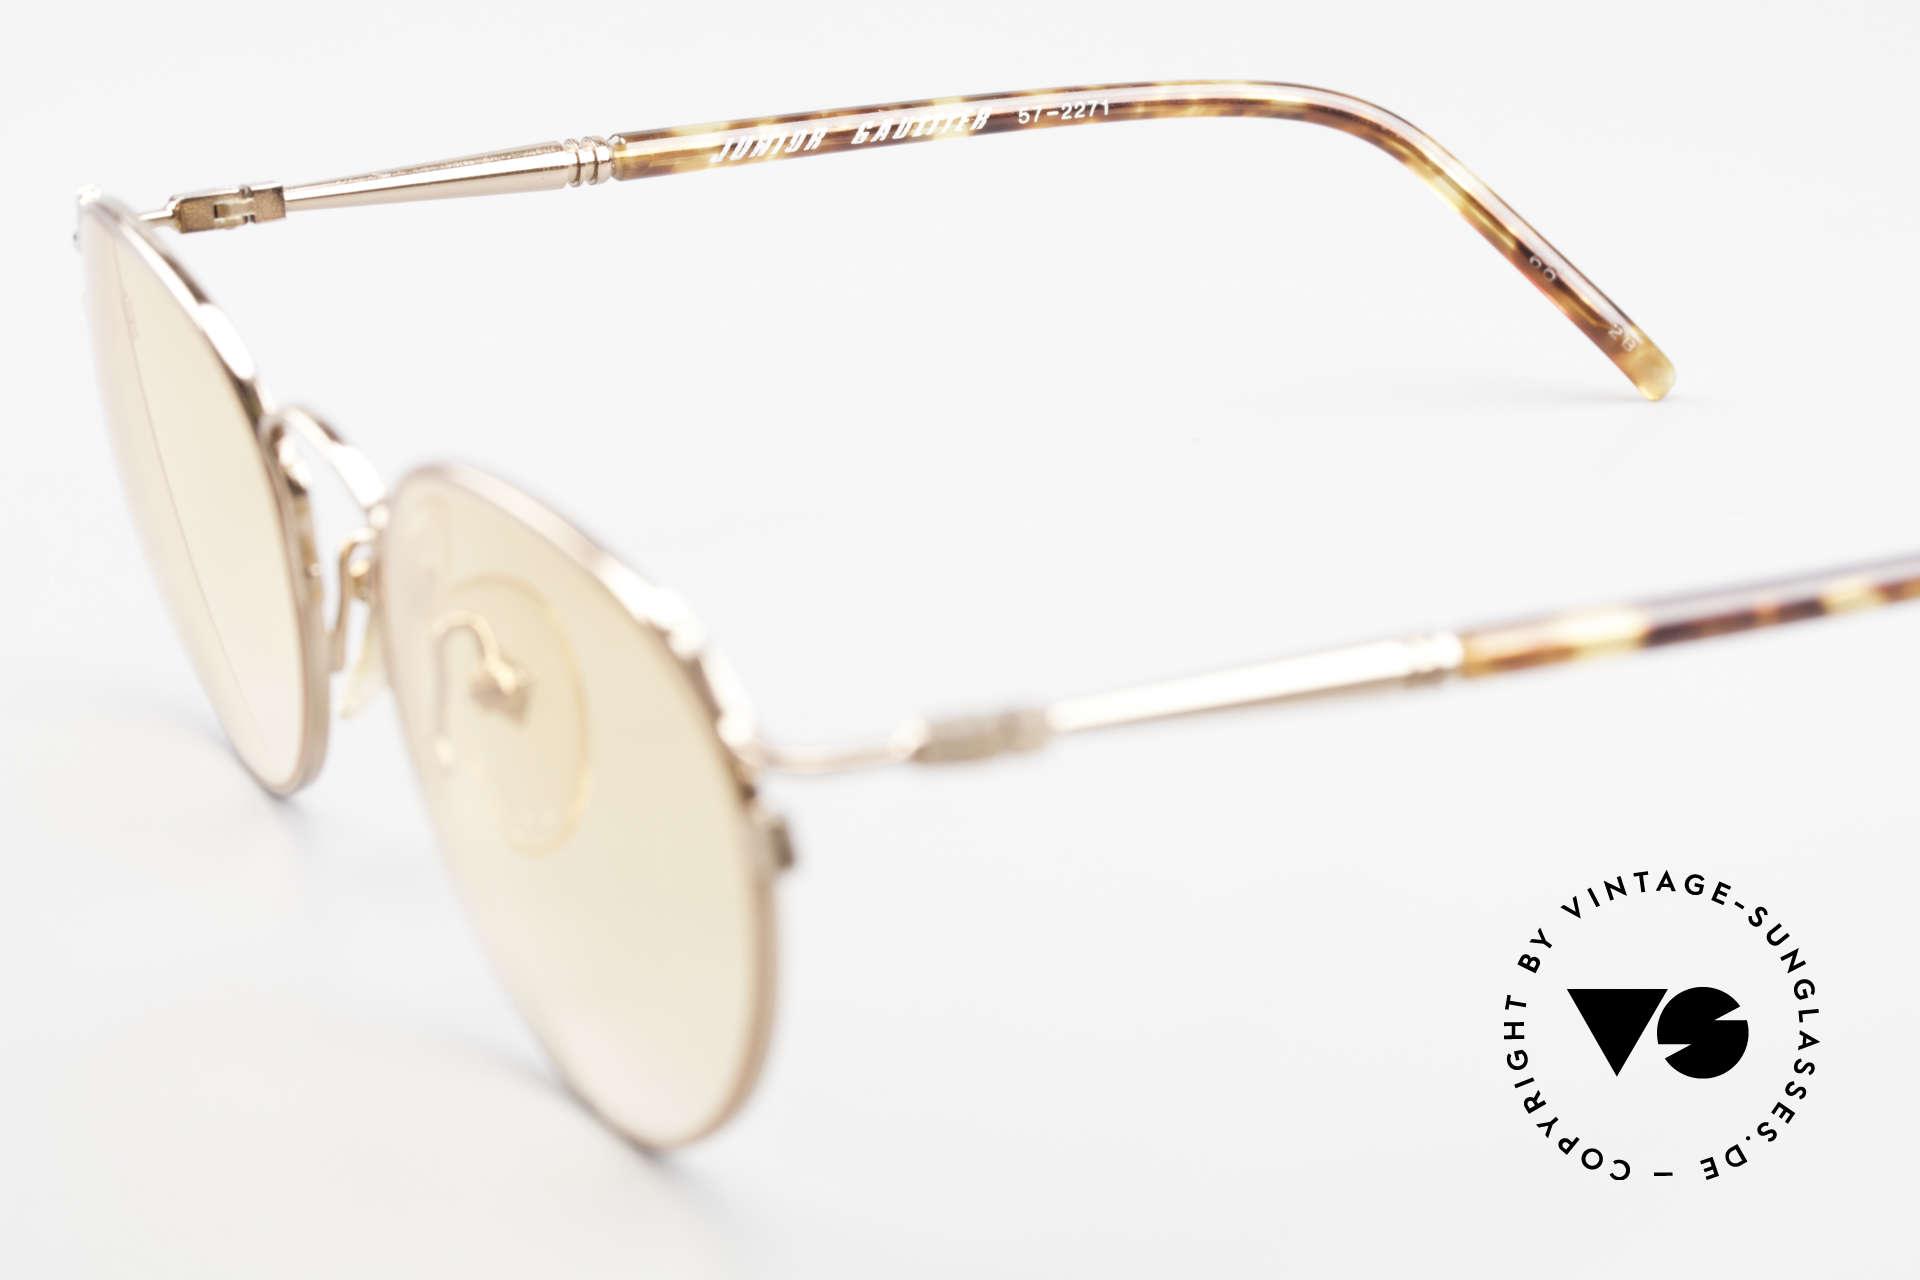 Jean Paul Gaultier 57-2271 Junior Gaultier Vintage Brille, Größe: medium, Passend für Herren und Damen